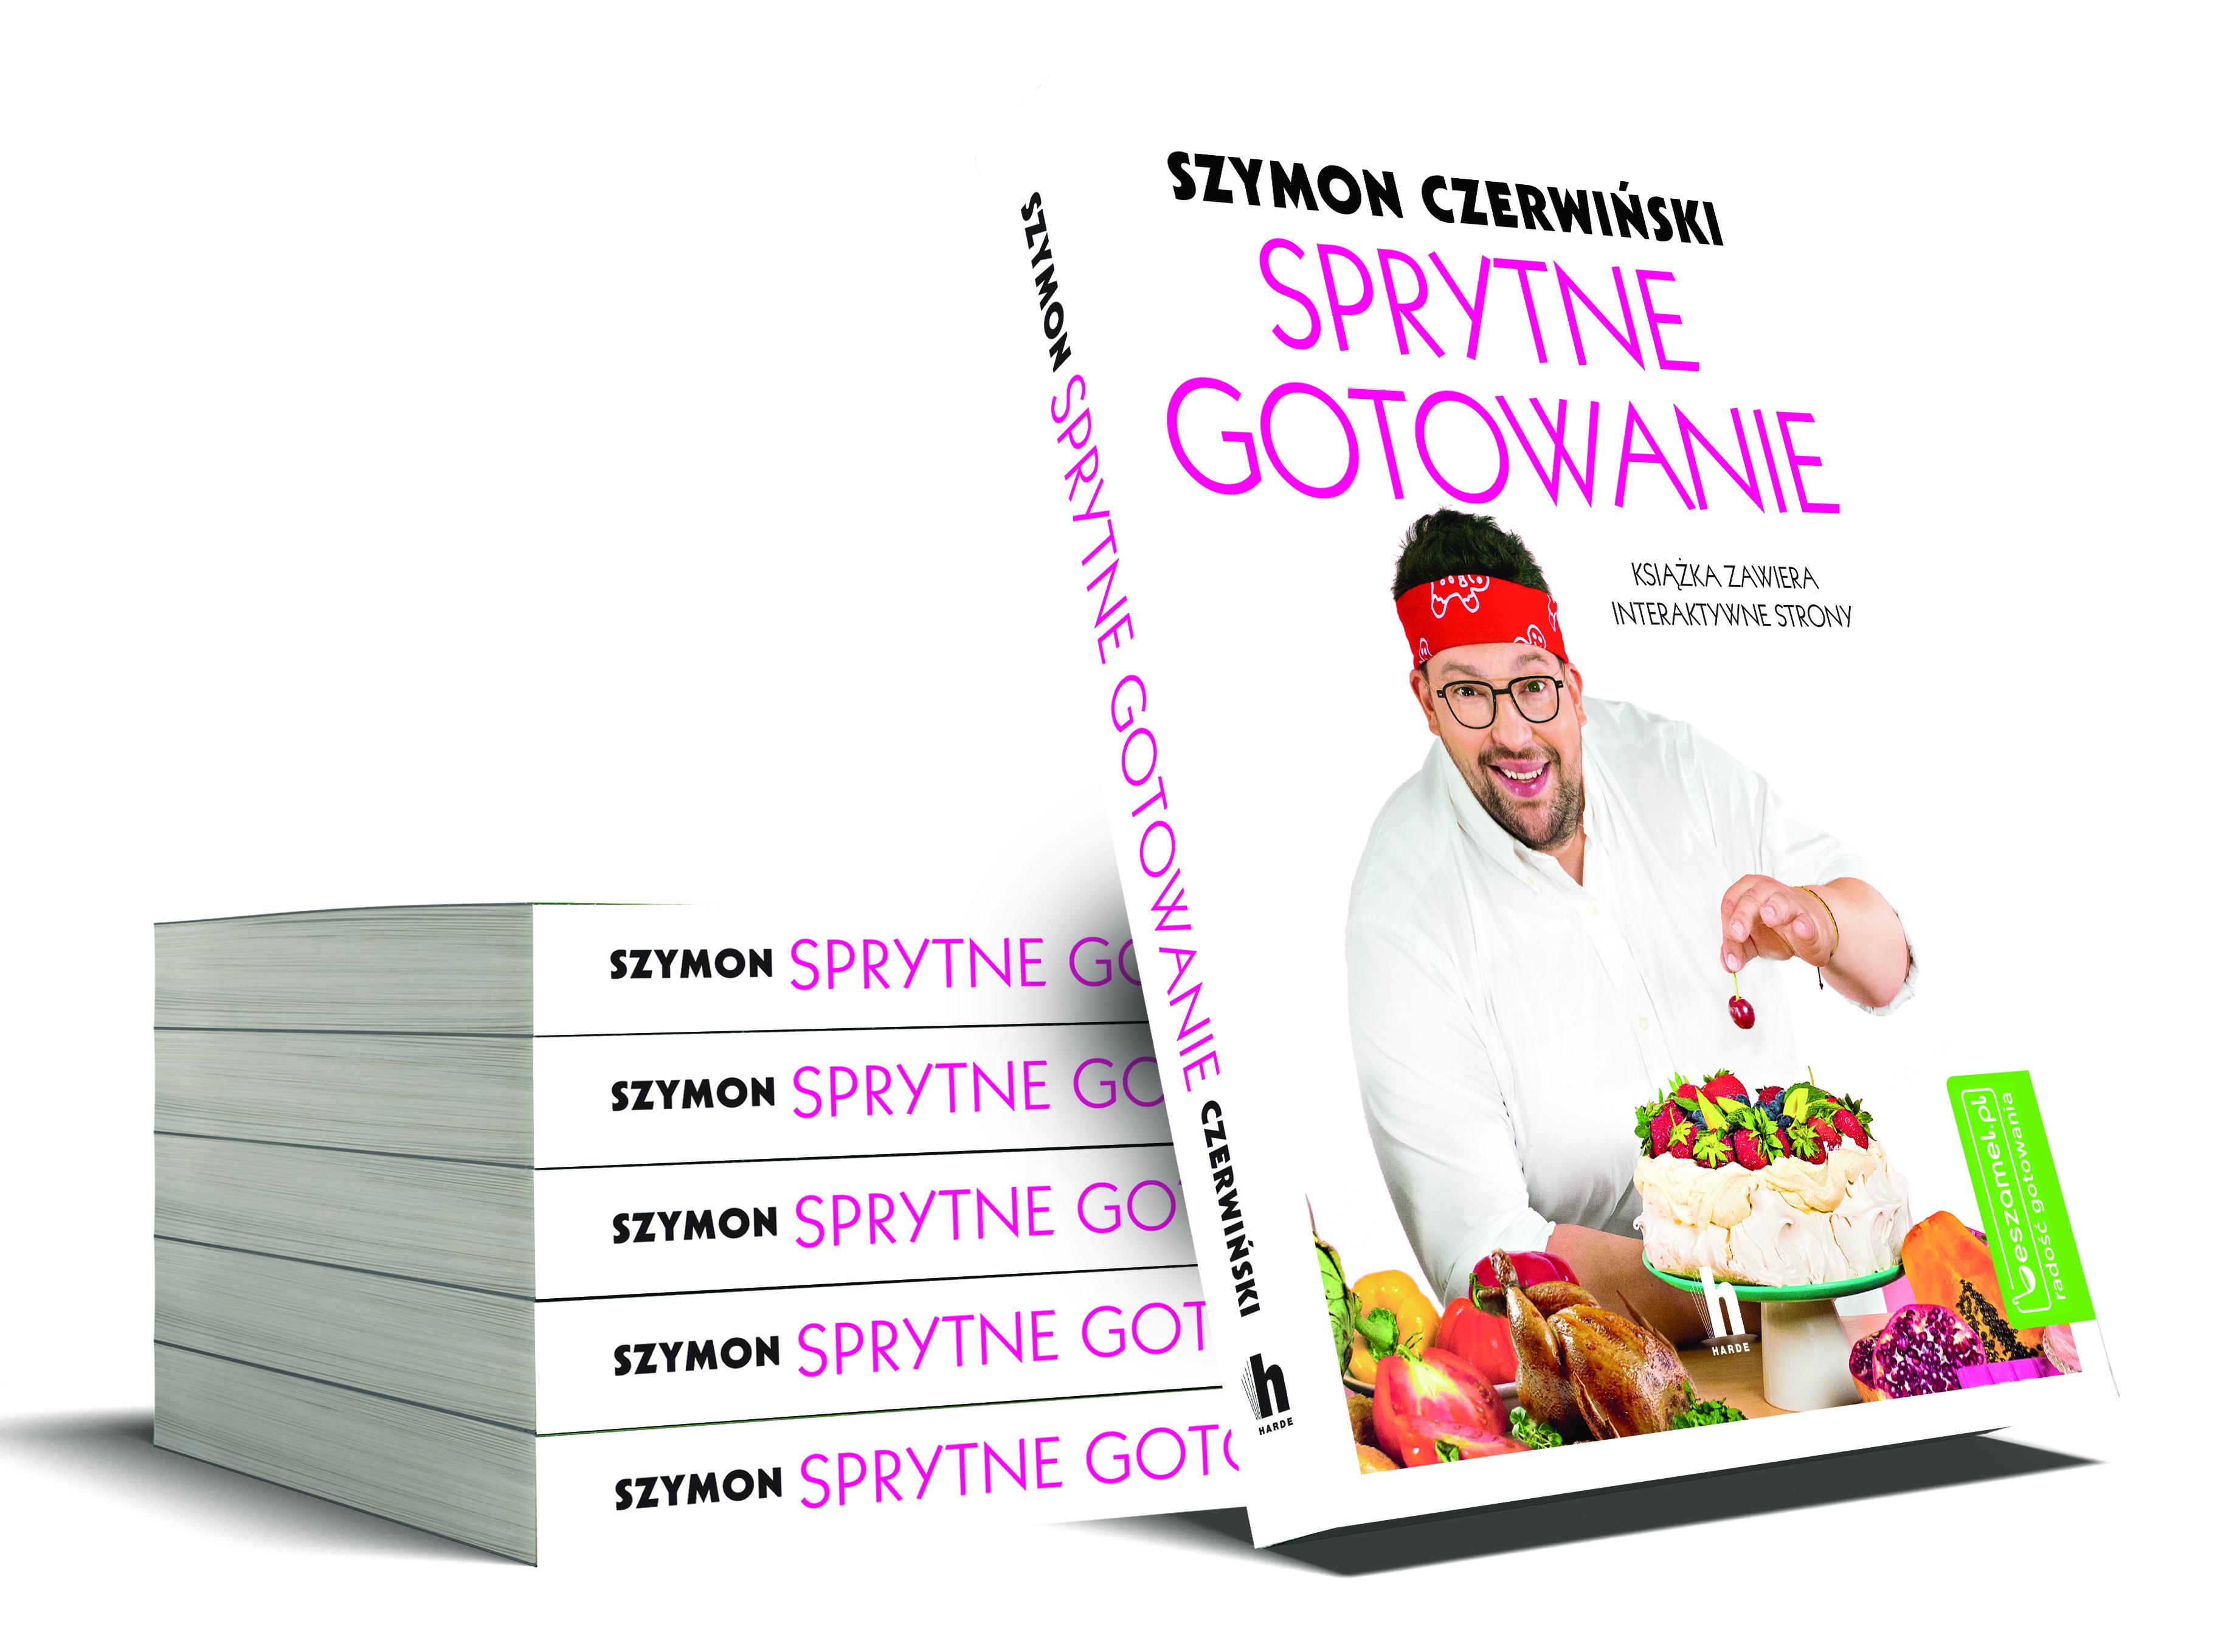 Sprytne gotowanie, Szymon Czerwiński, wydawnictwo Harde, Warszawa 2019